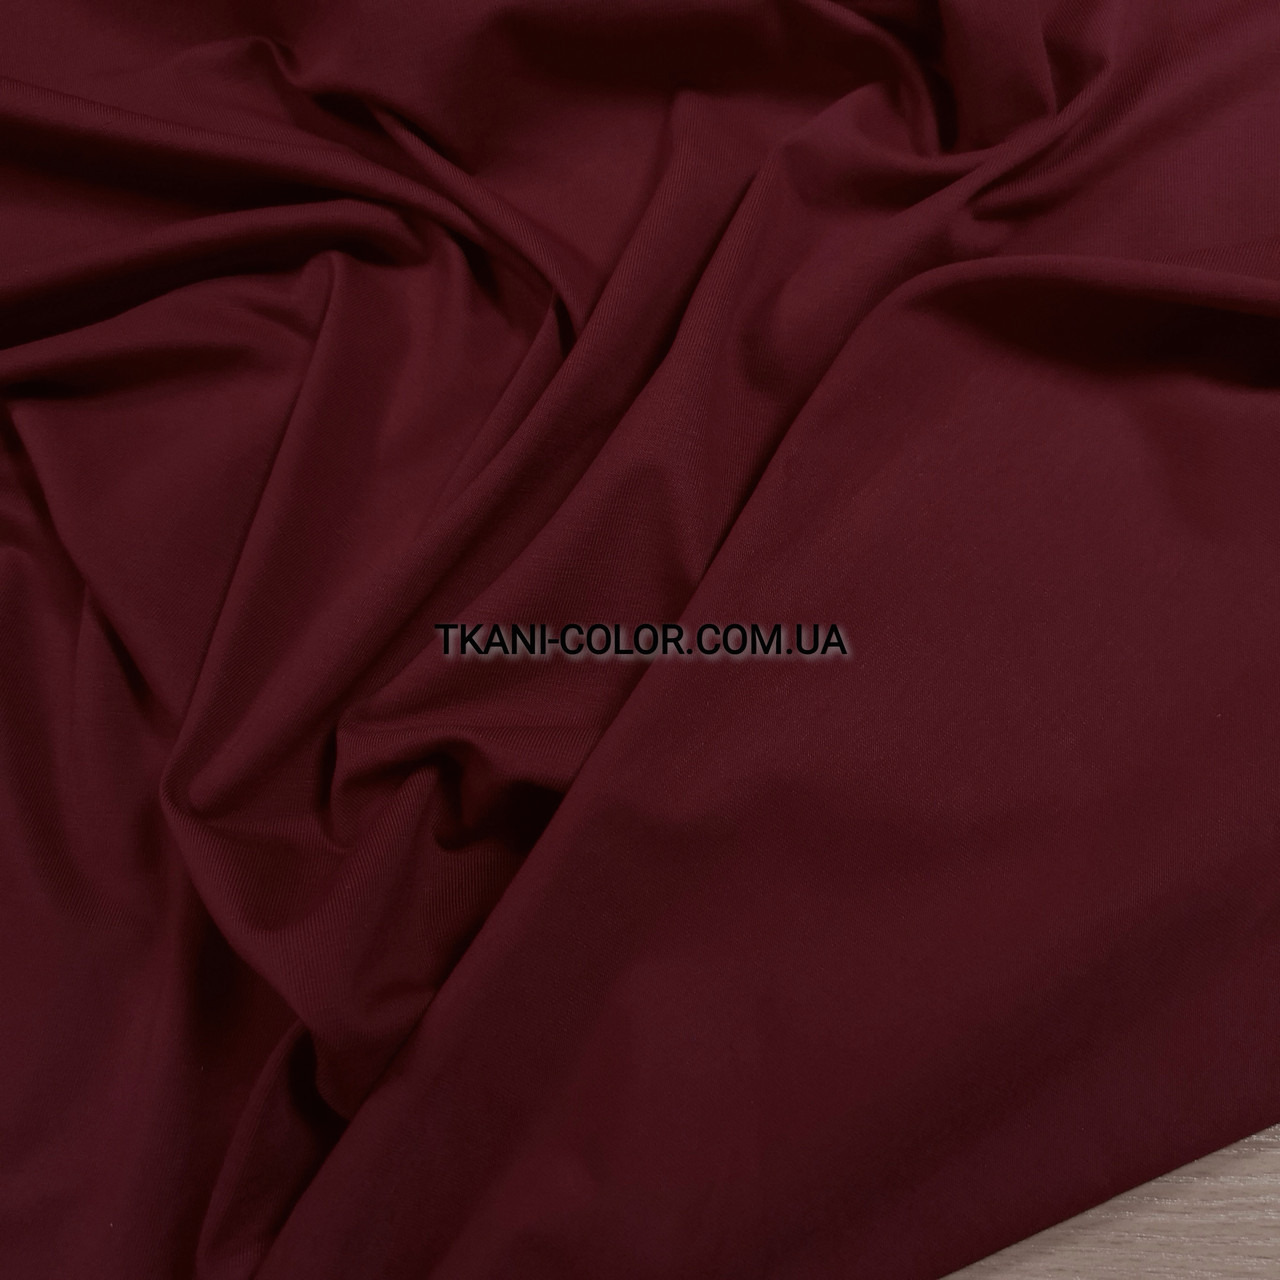 Ткань кулир стрейч бордовый